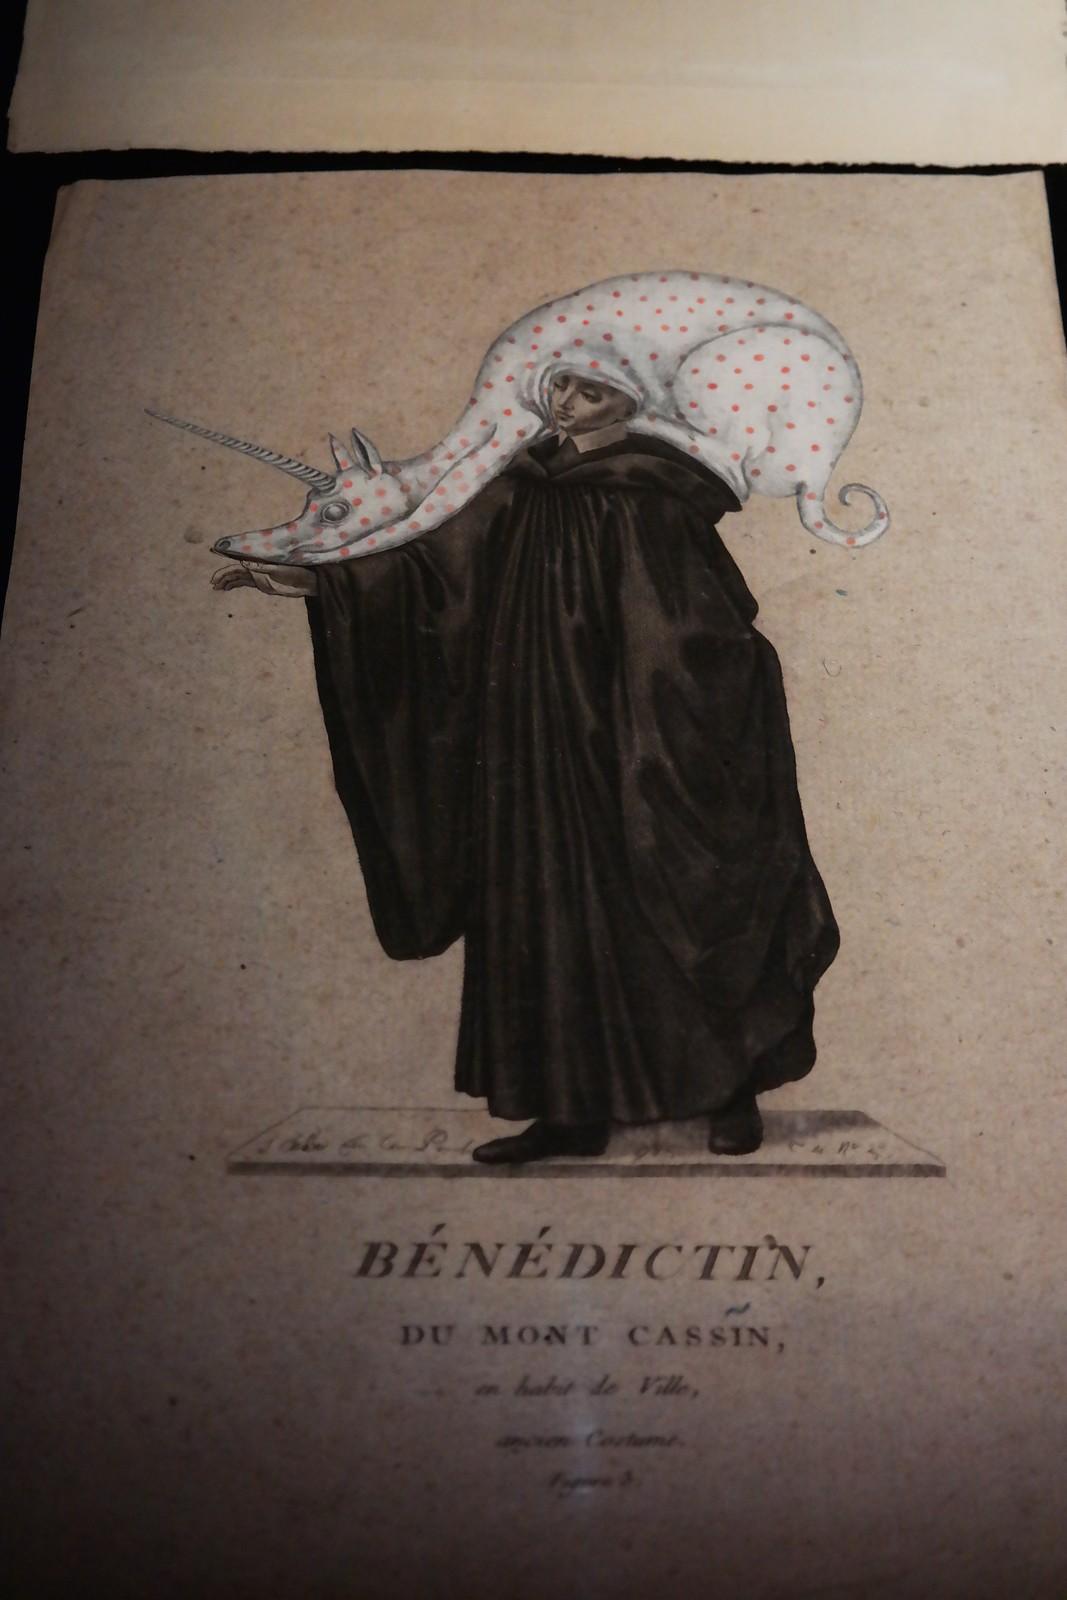 Bénédiction du Mont Cassin de Guillaume Dégé exposition L esprit singulier collection de l abbaye d auberive halle saint pierre paris